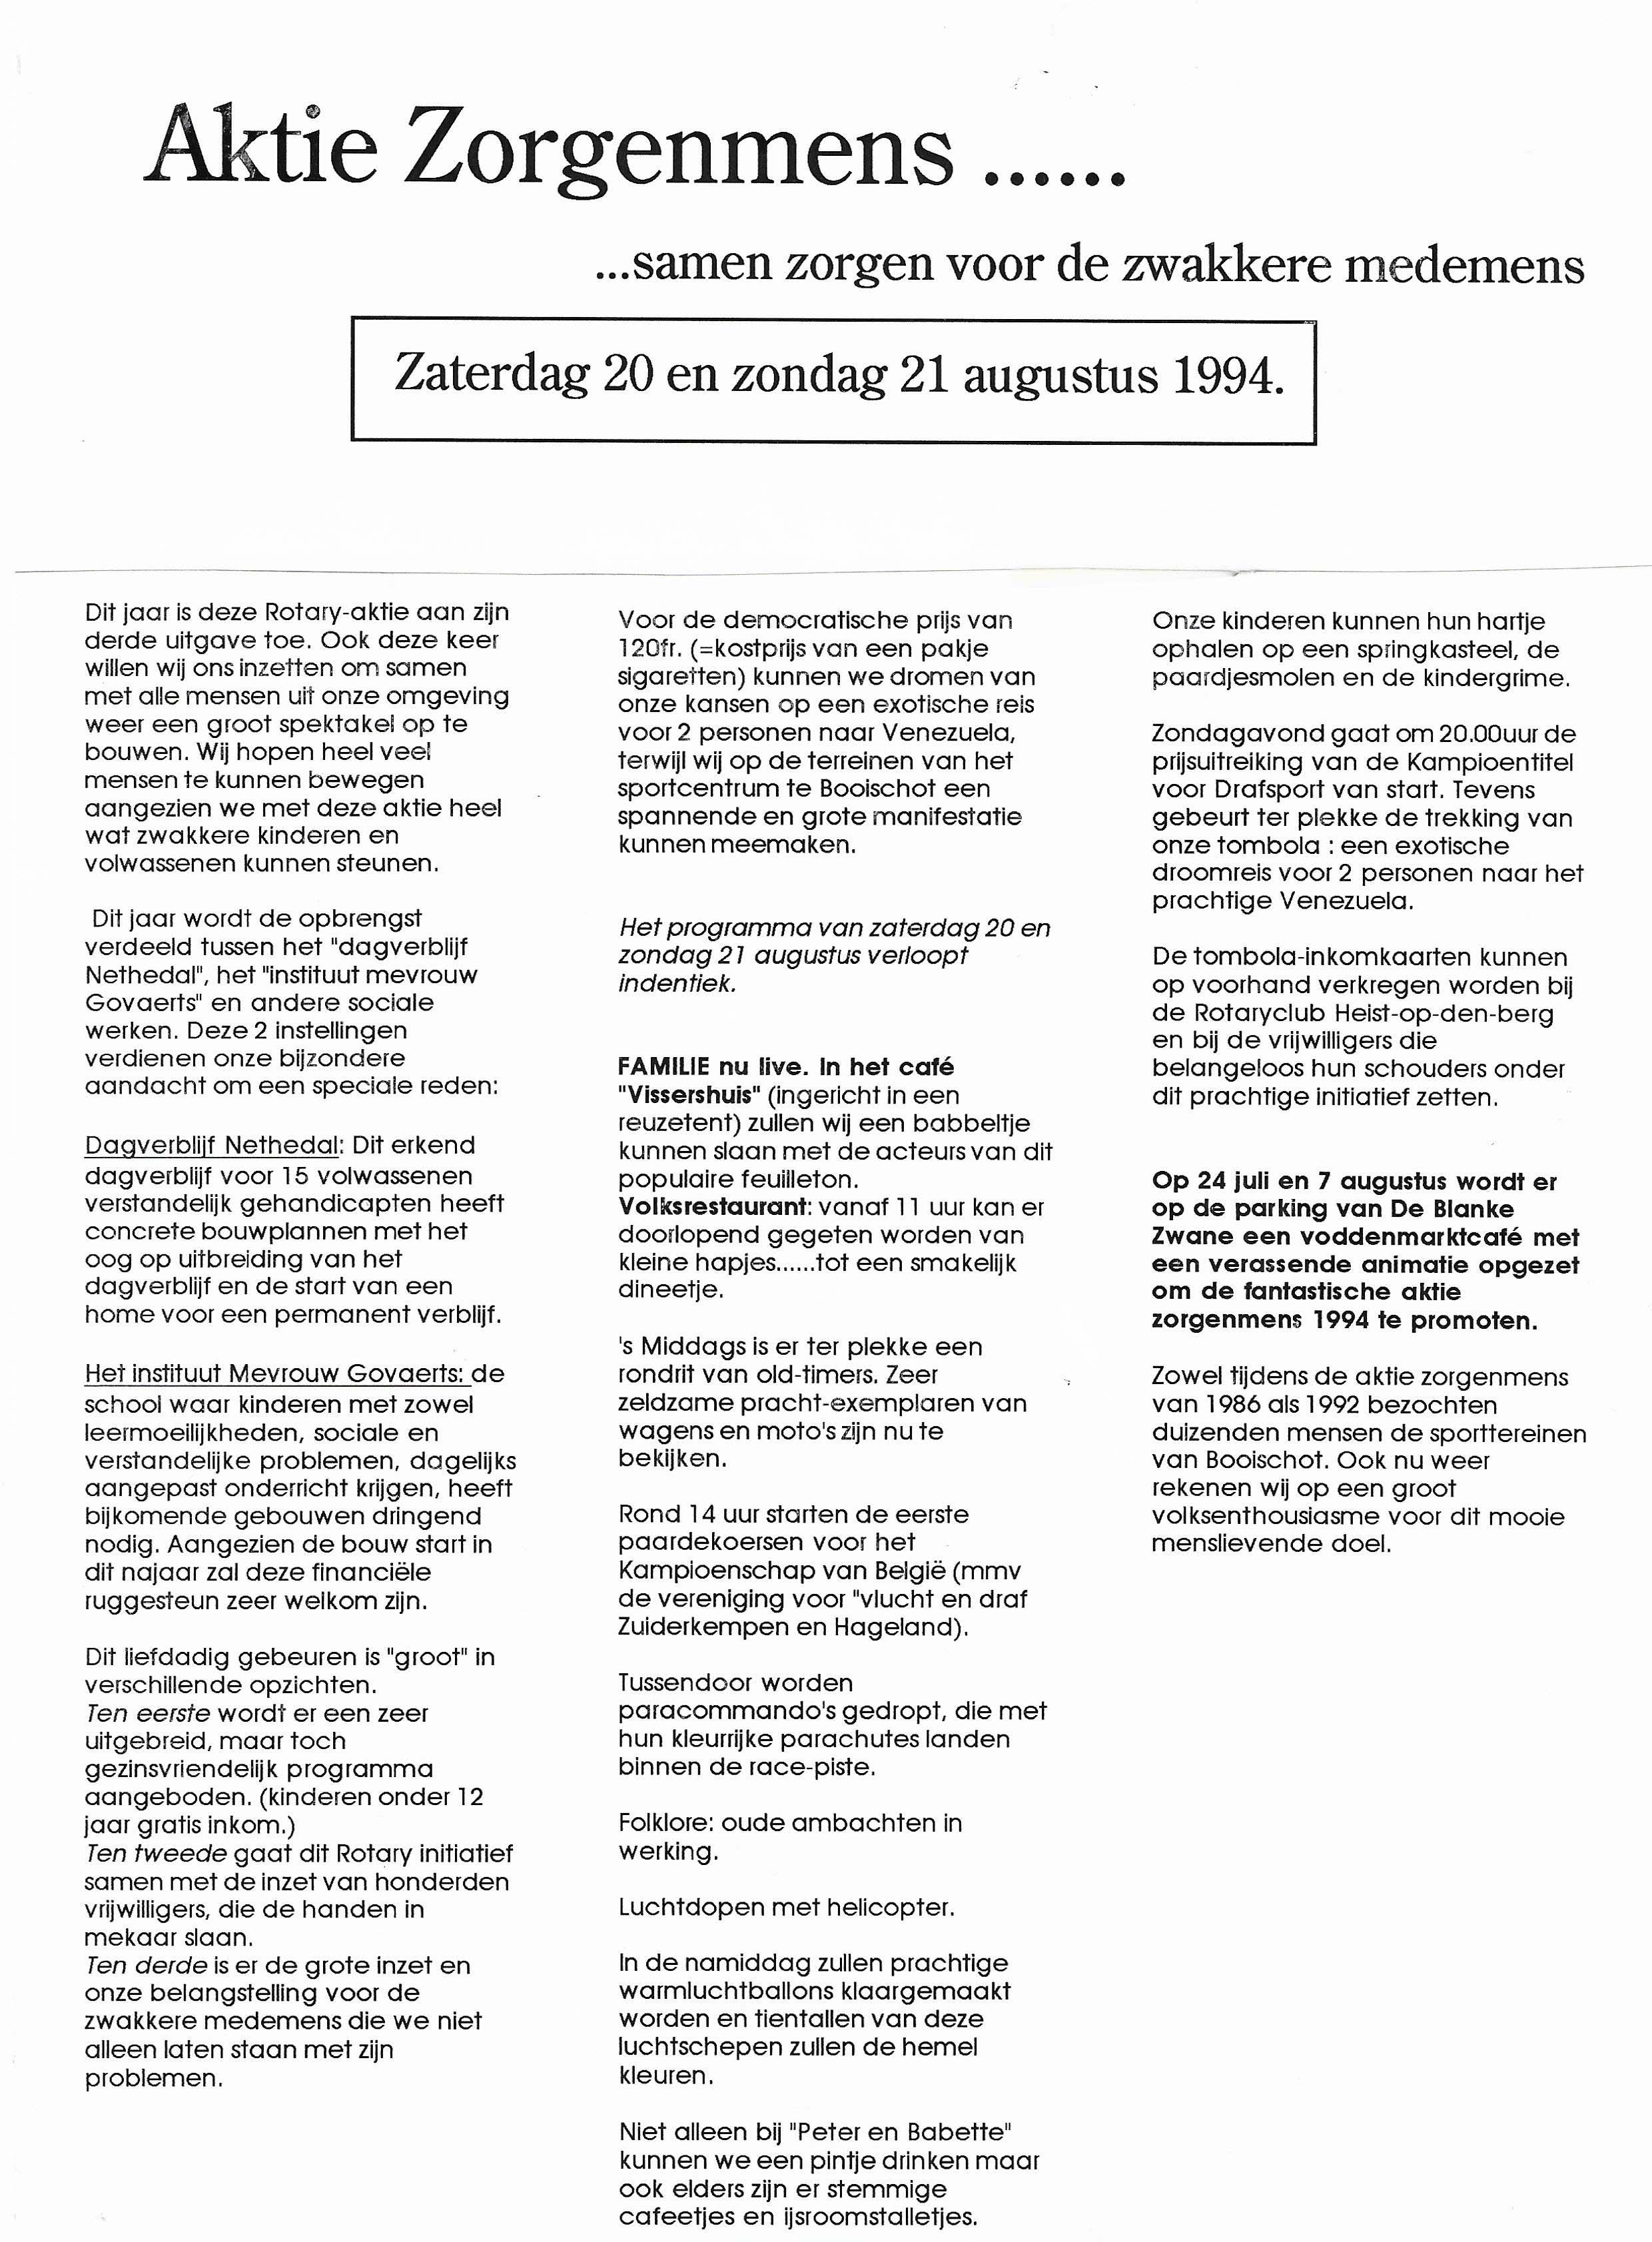 AKTIE_ZORGENMENS_1994